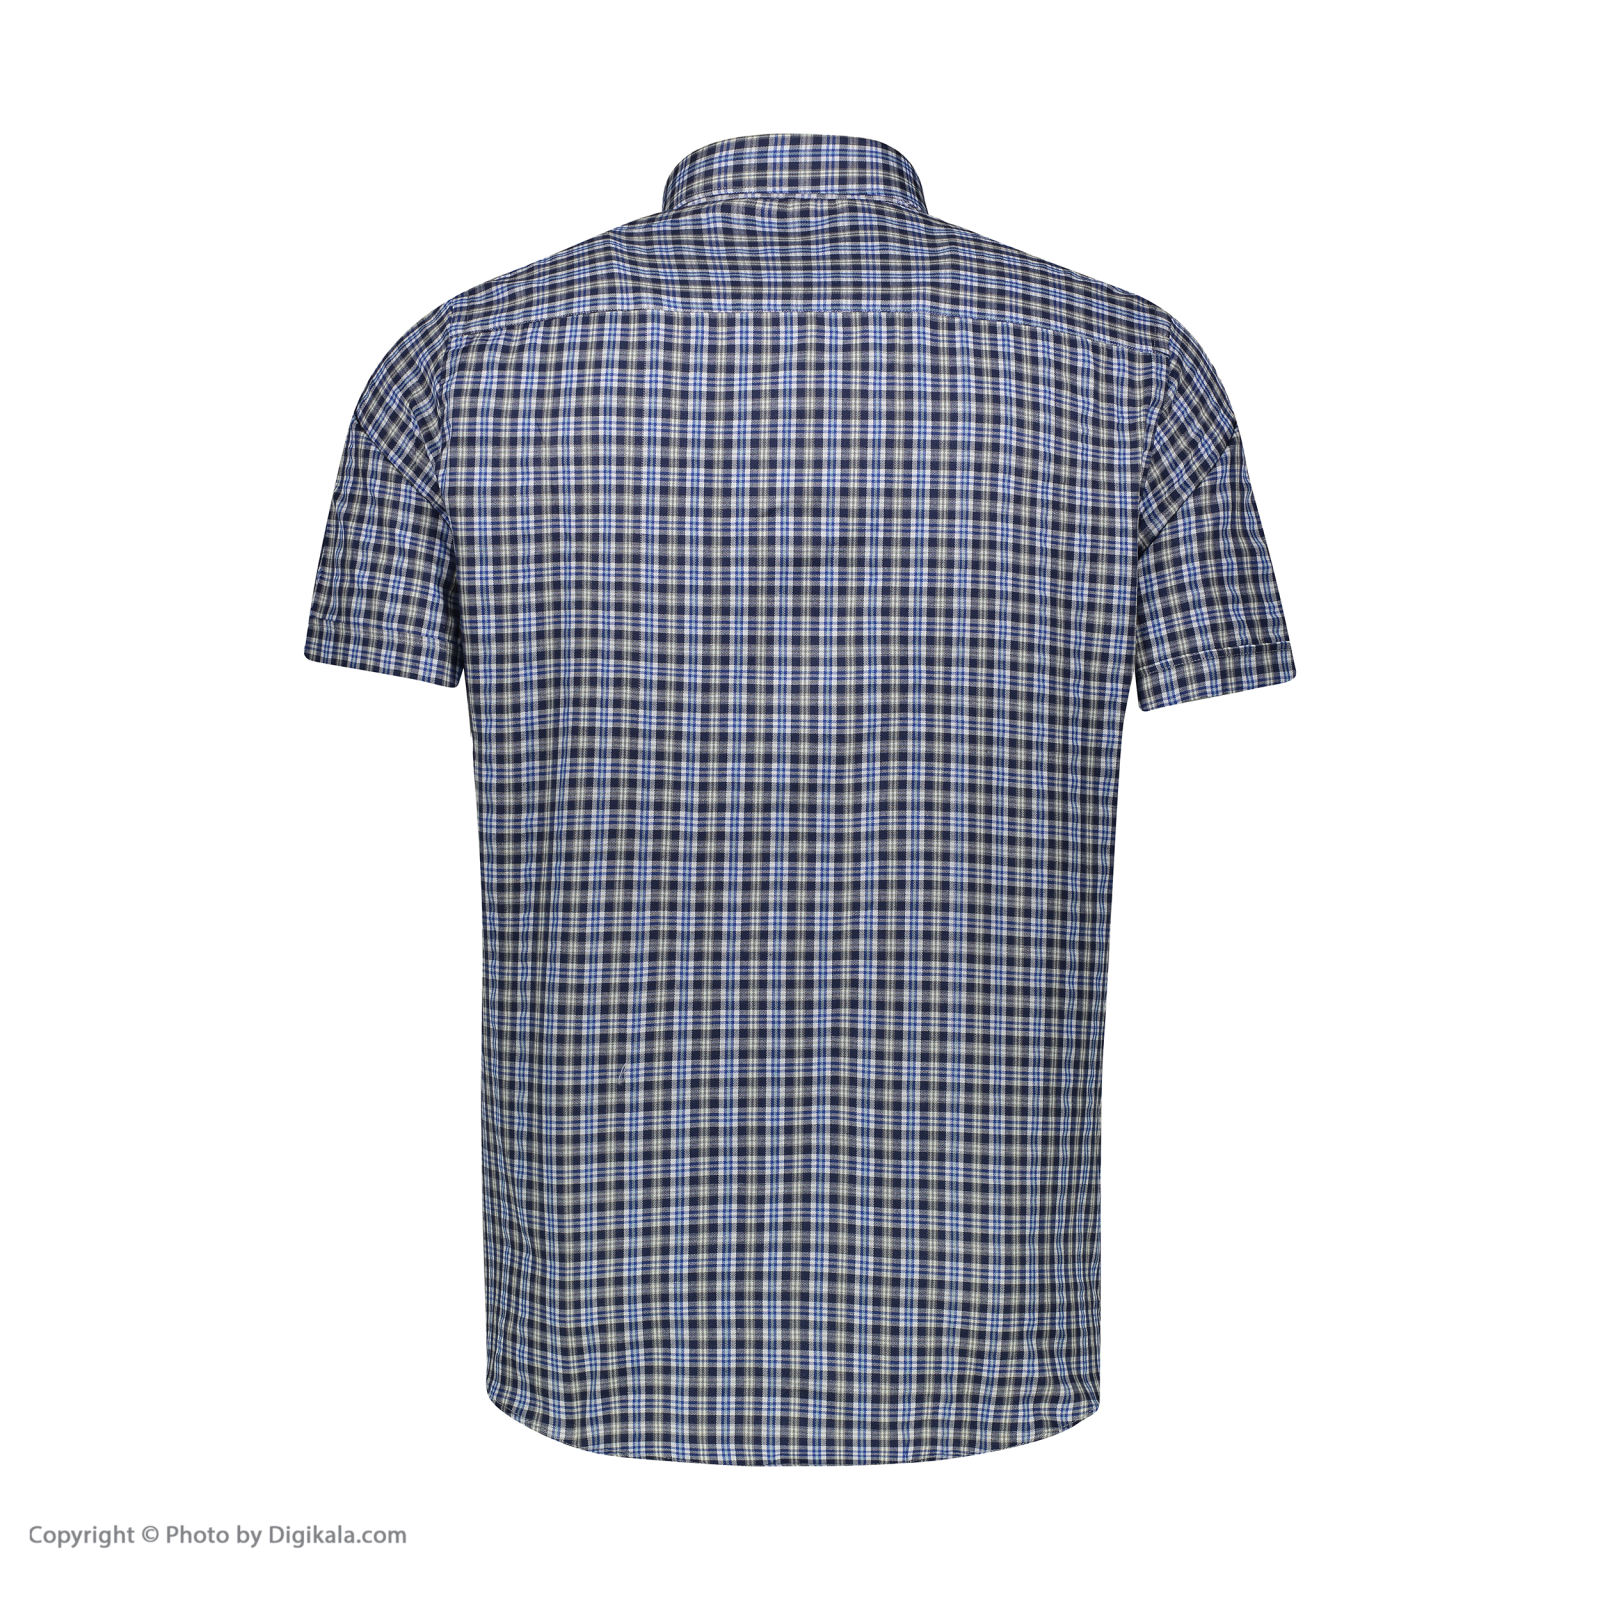 پیراهن مردانه زی مدل 1531190ML -  - 3